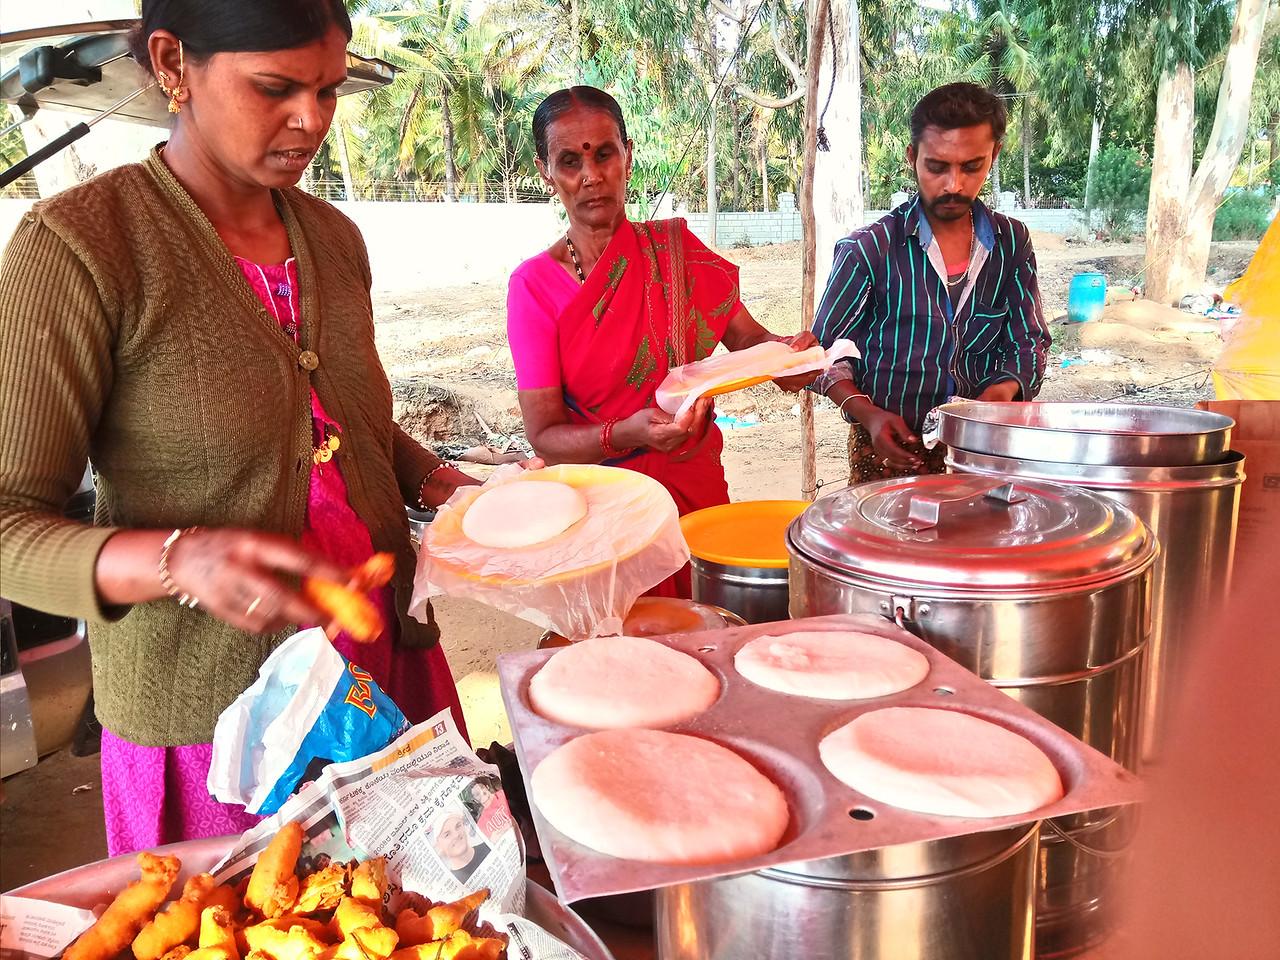 Roadside food stall outside of Bangalore on the Bangalore-Mumbai highway selling fresh idlis and dosas